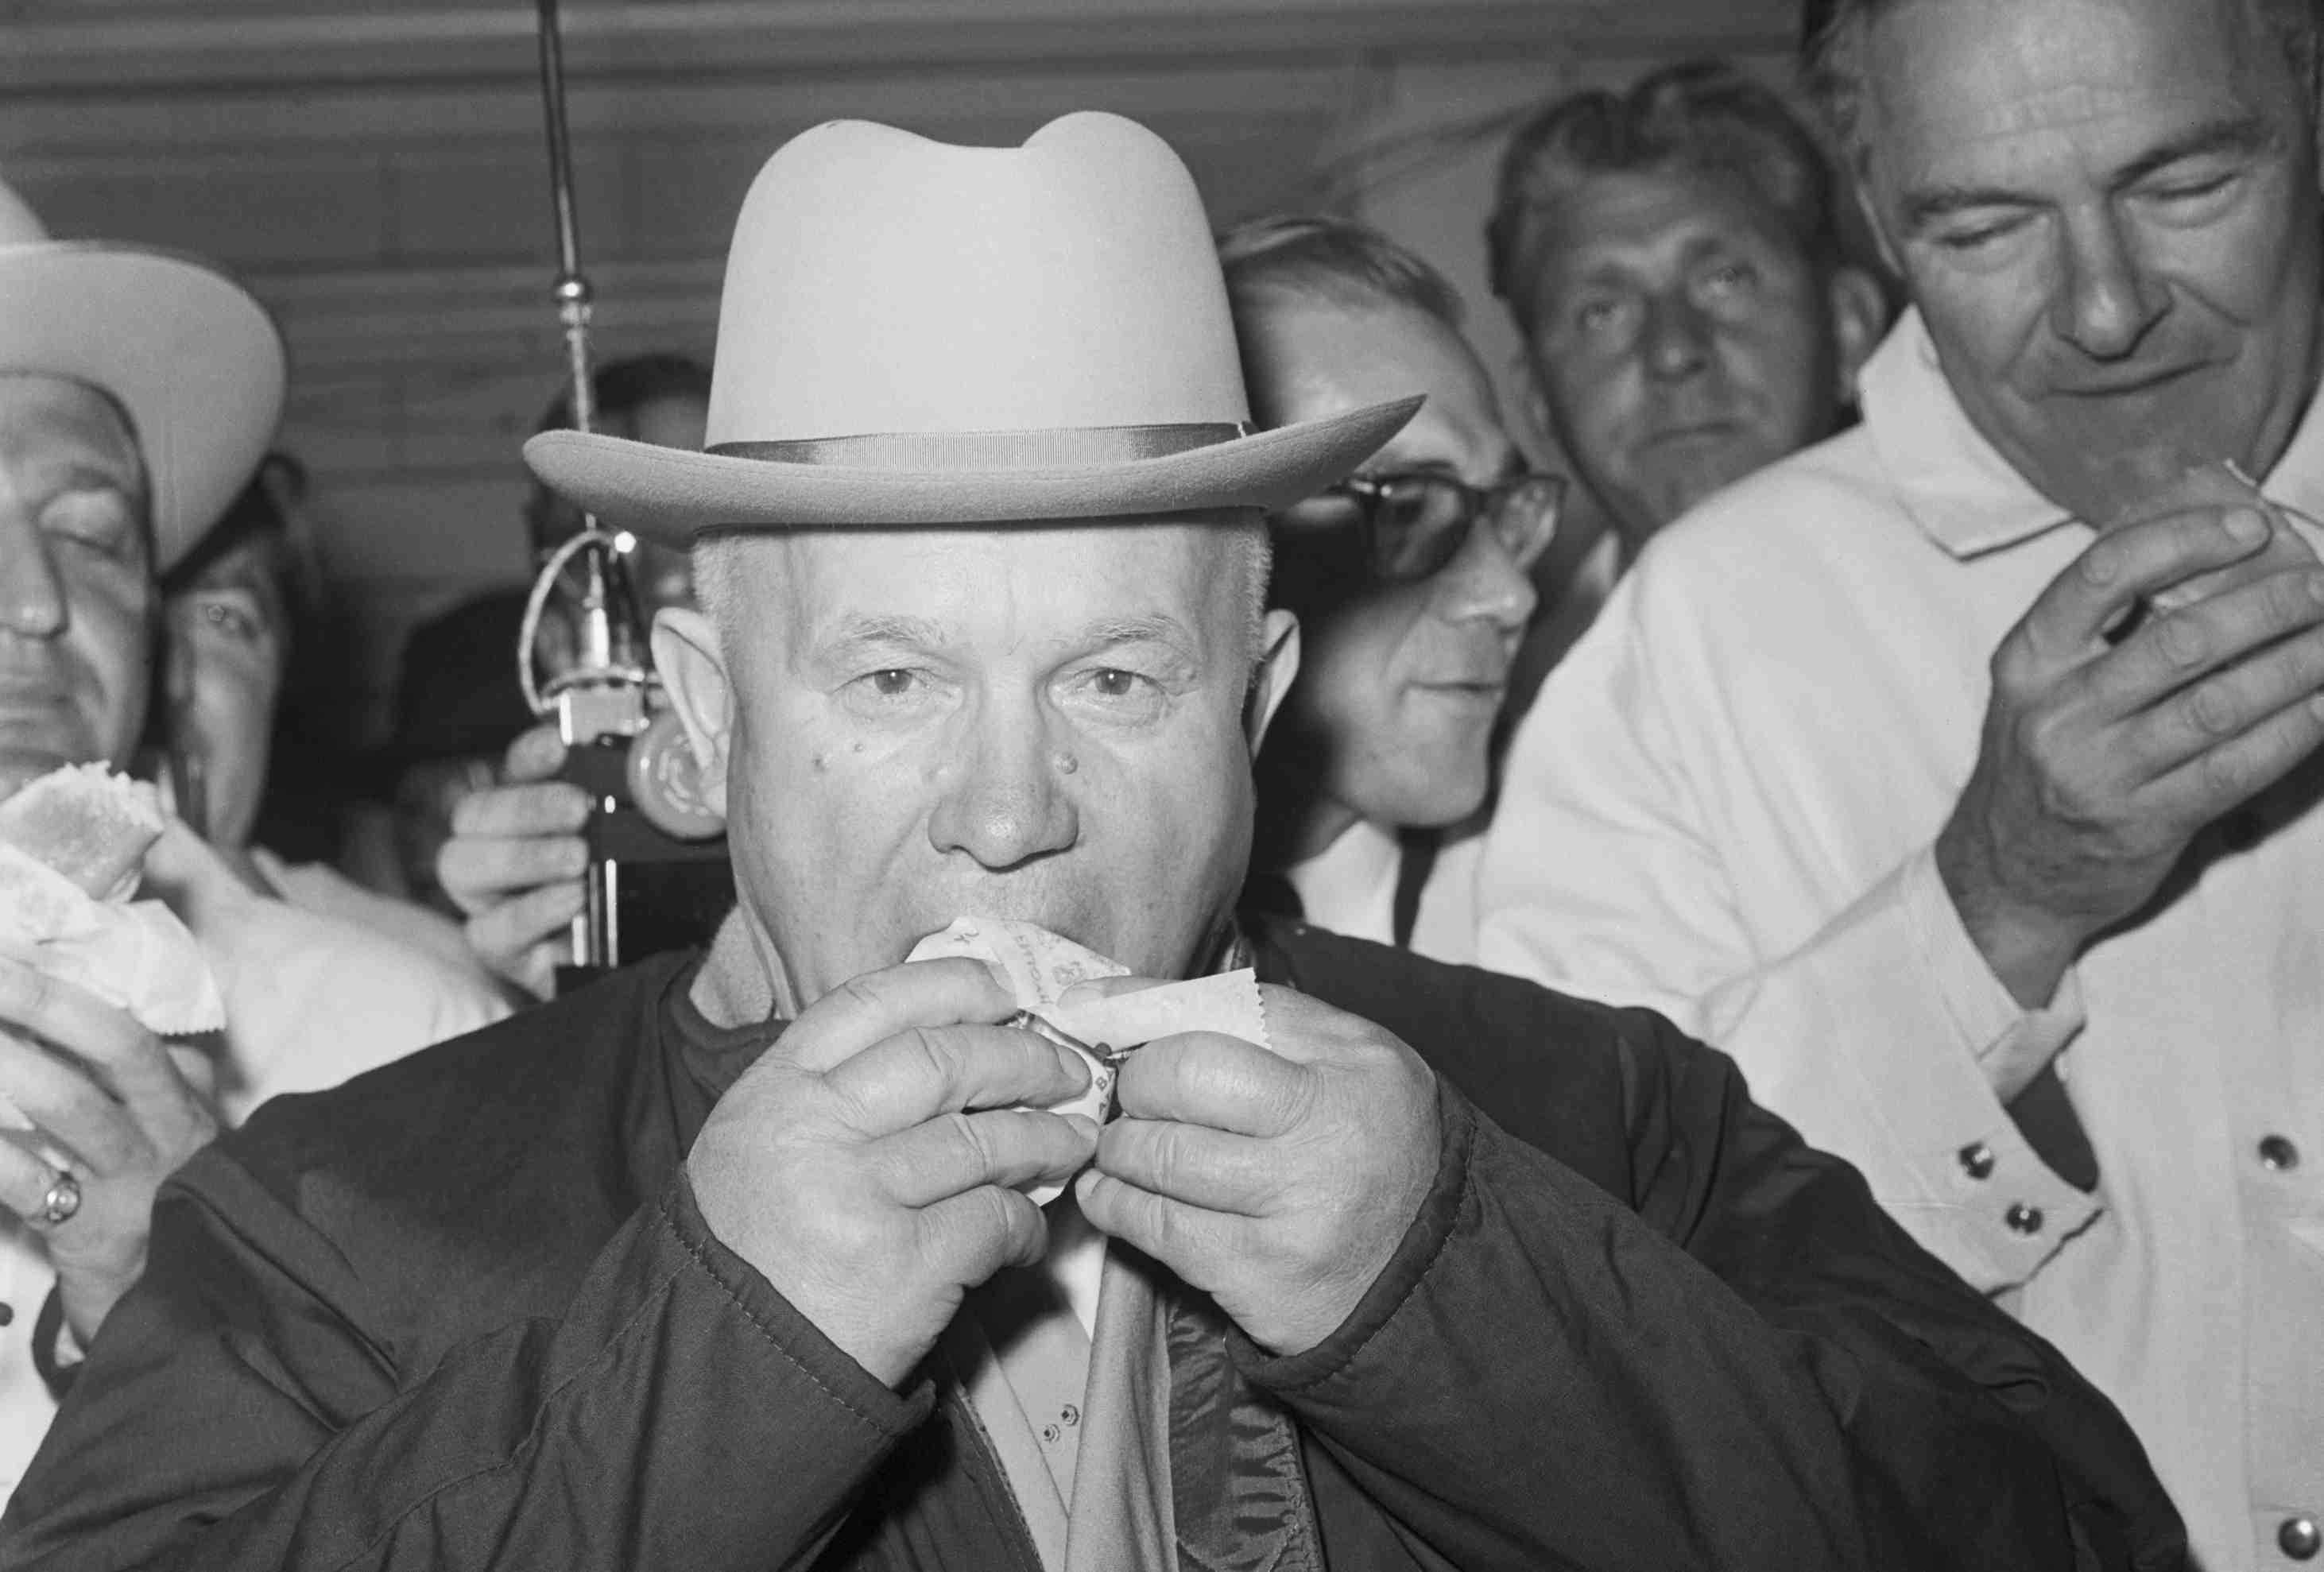 Nikita Khrushchev eating a hot dog.